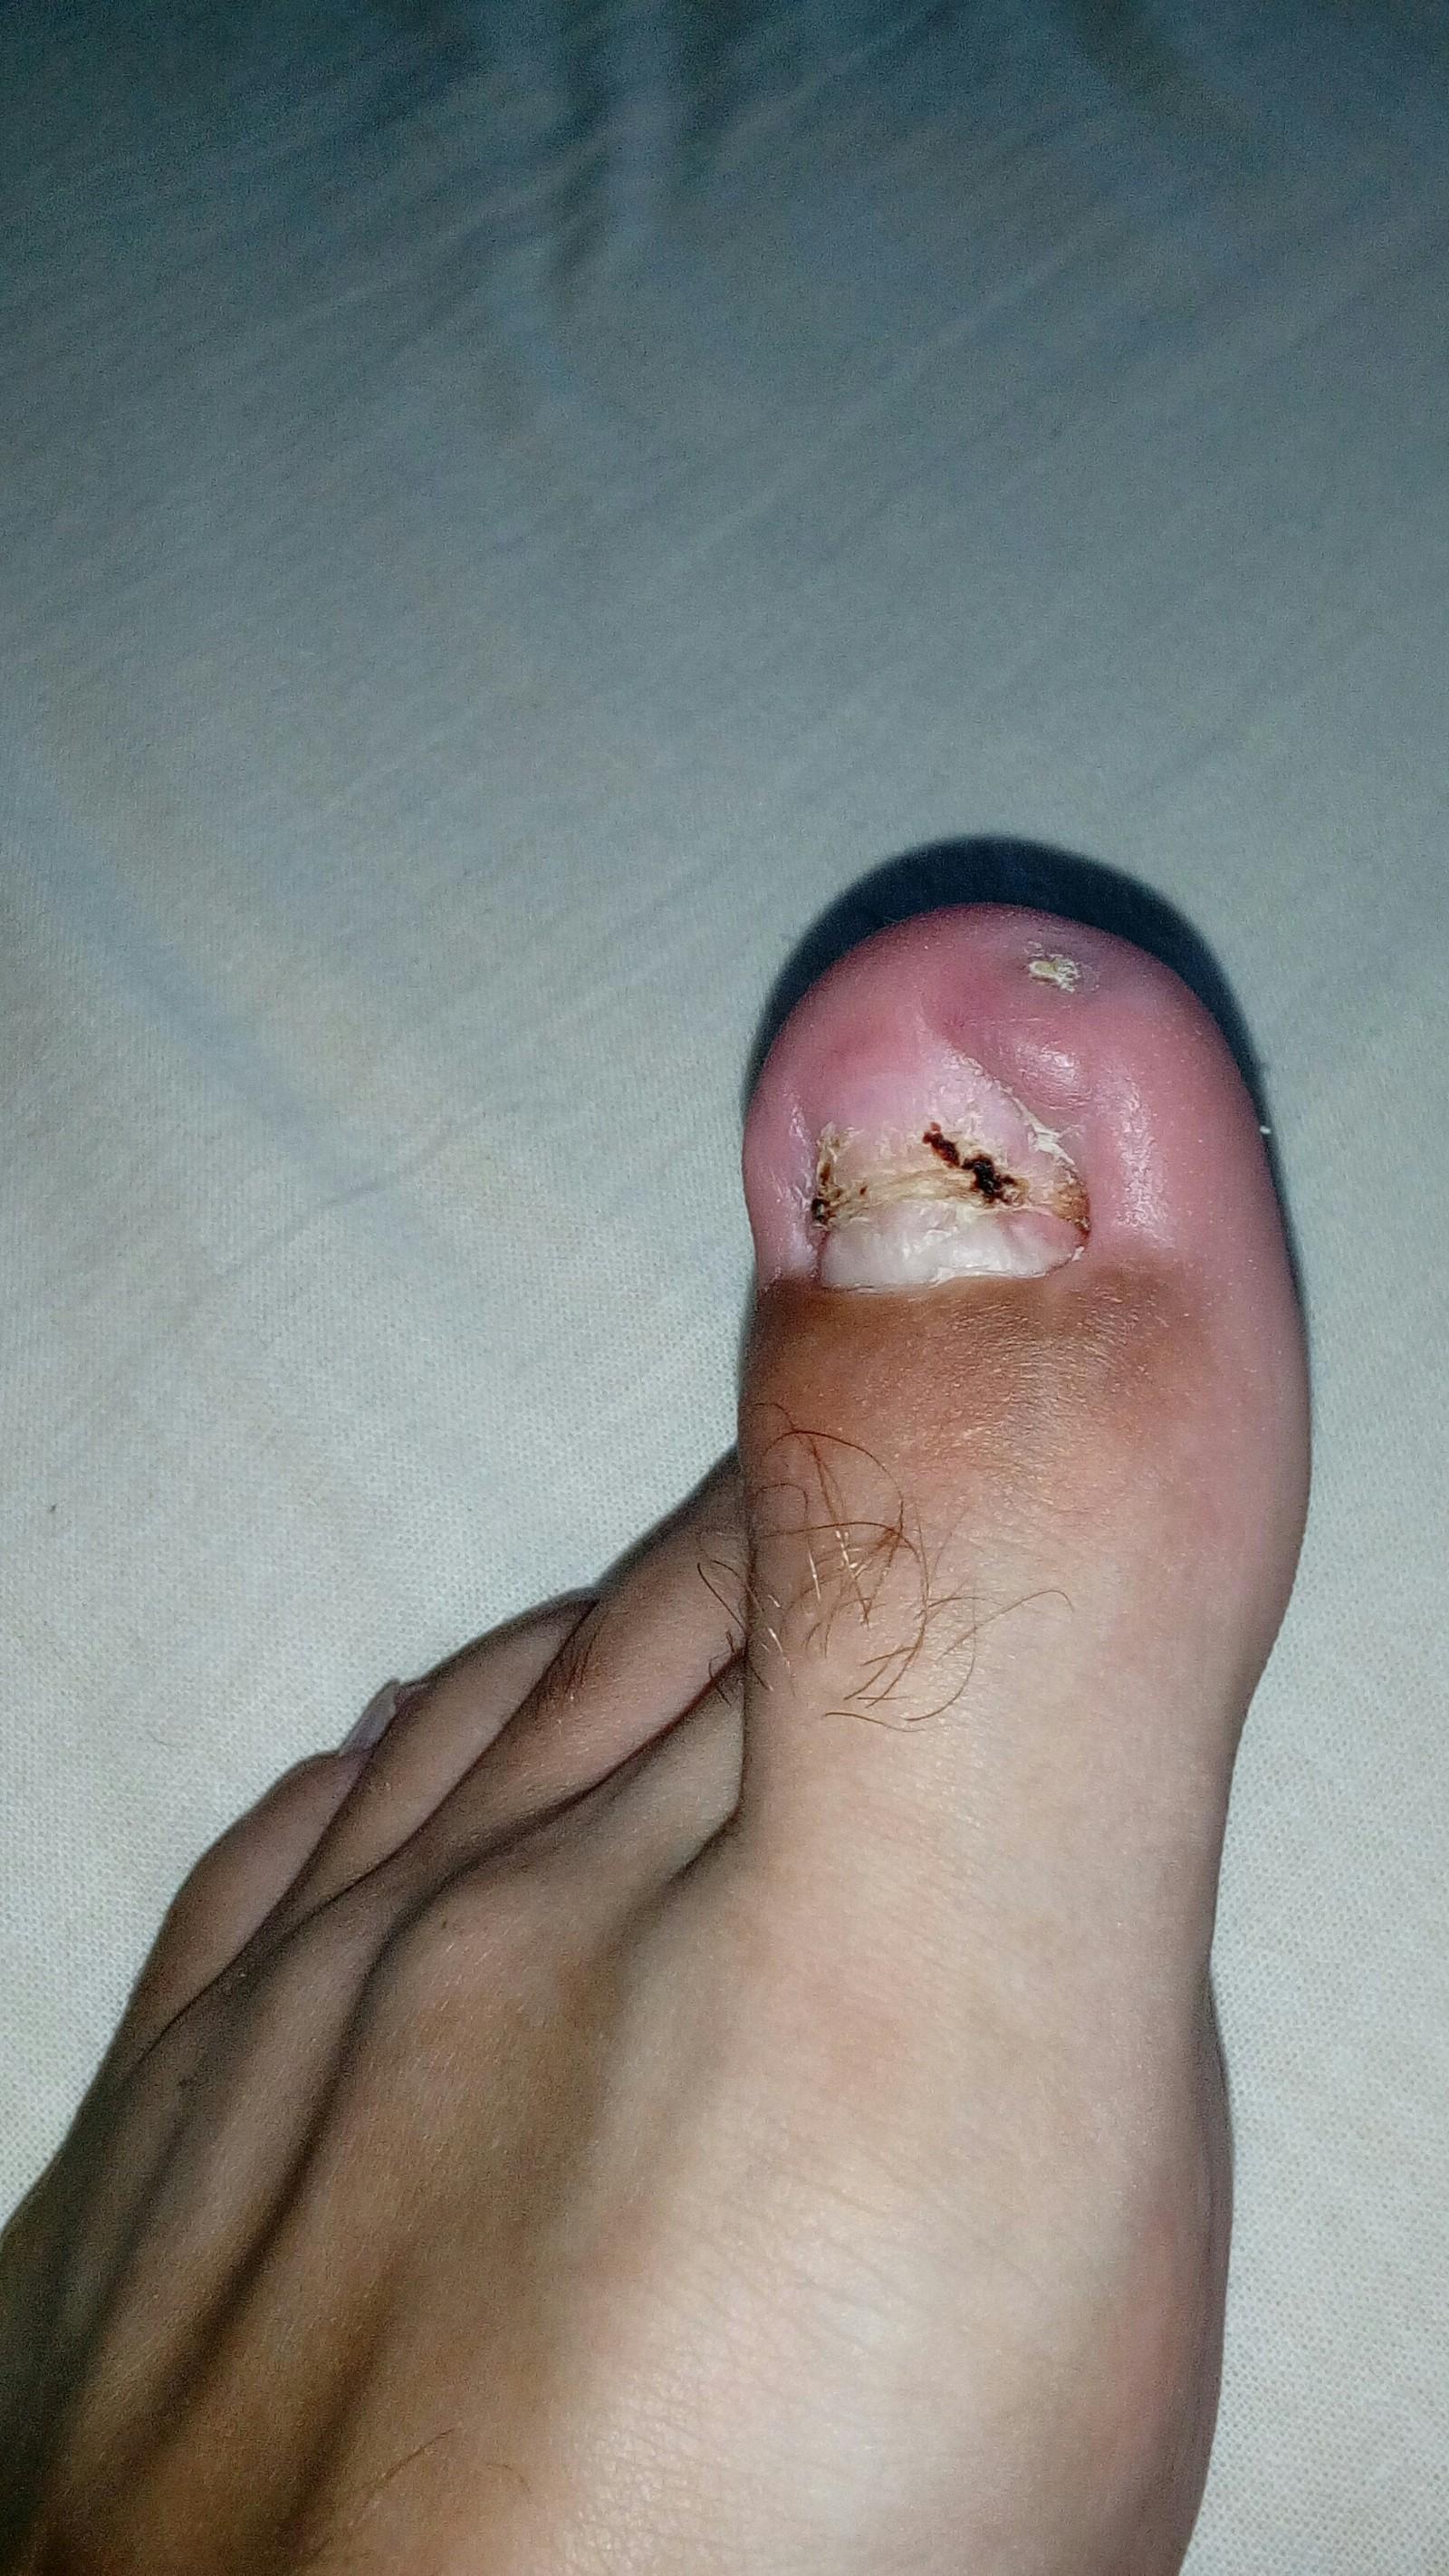 Удаление вросшего ногтя в москве. стоимость операции